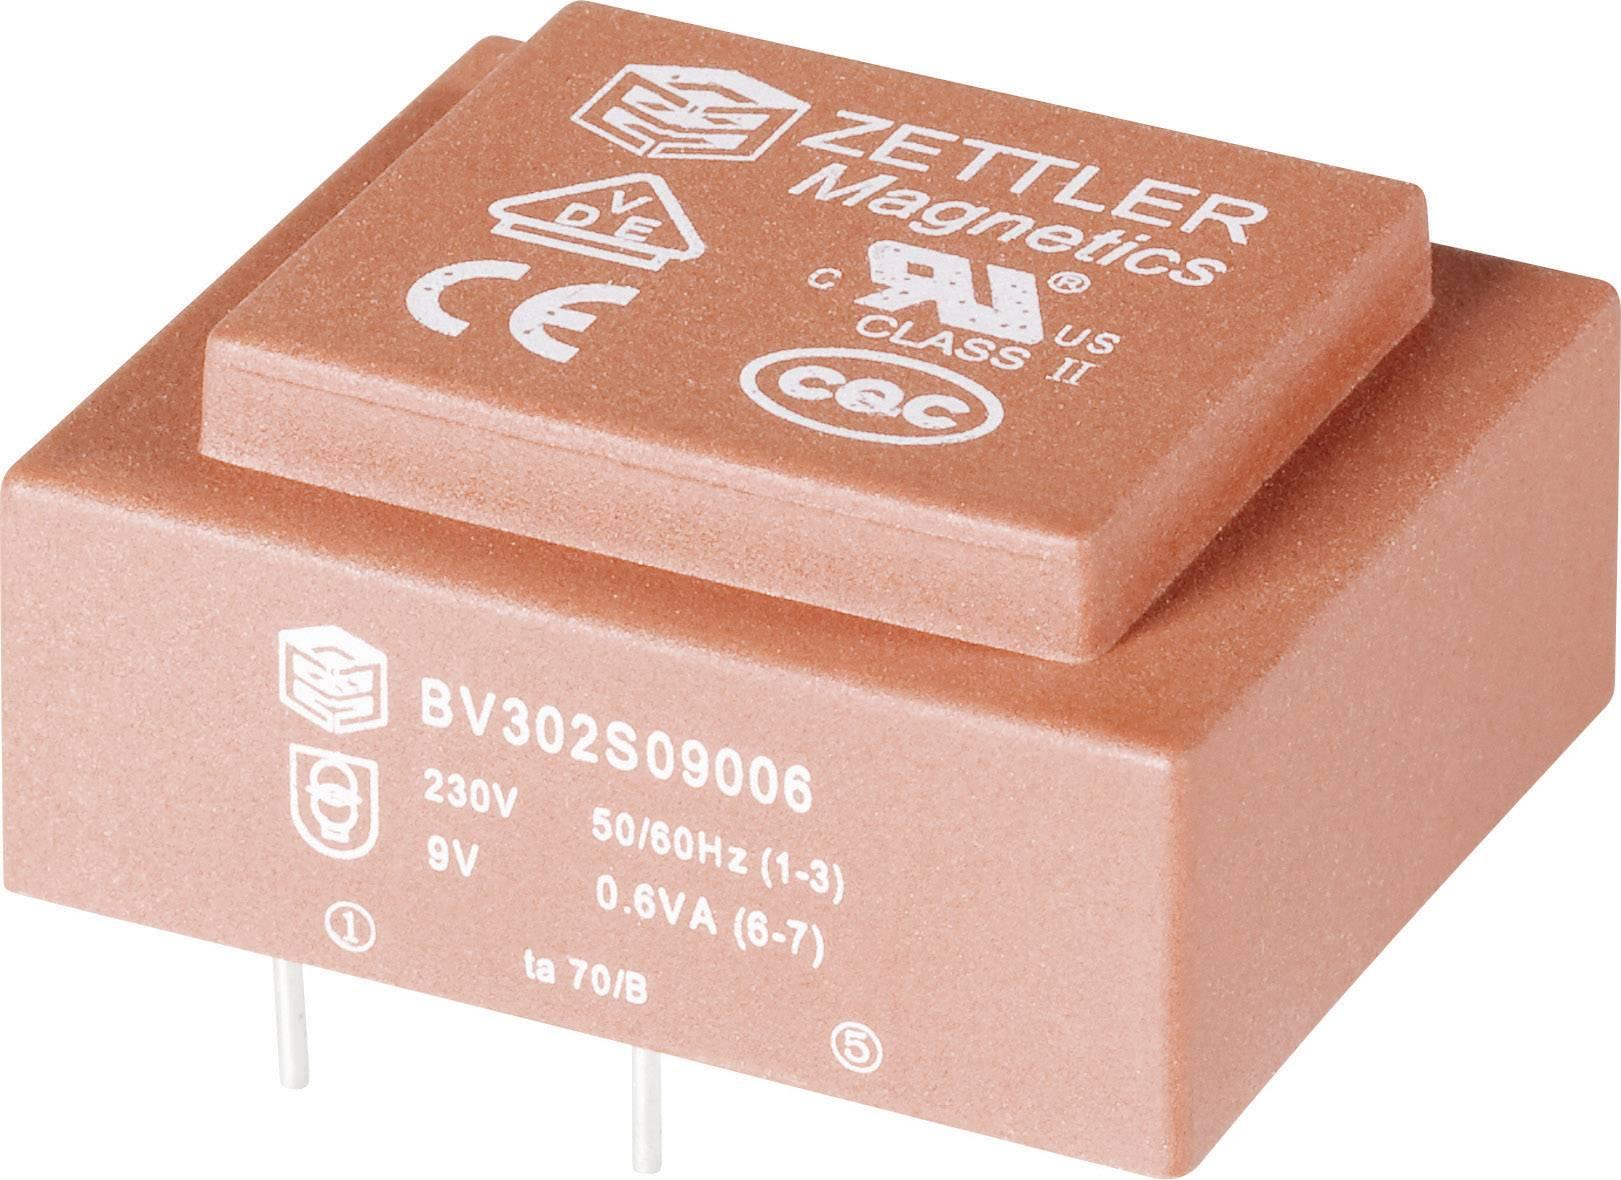 Transformátor do DPS Zettler Magnetics El30, 230 V/2x 12 V, 2x 25 mA, 1,5 VA